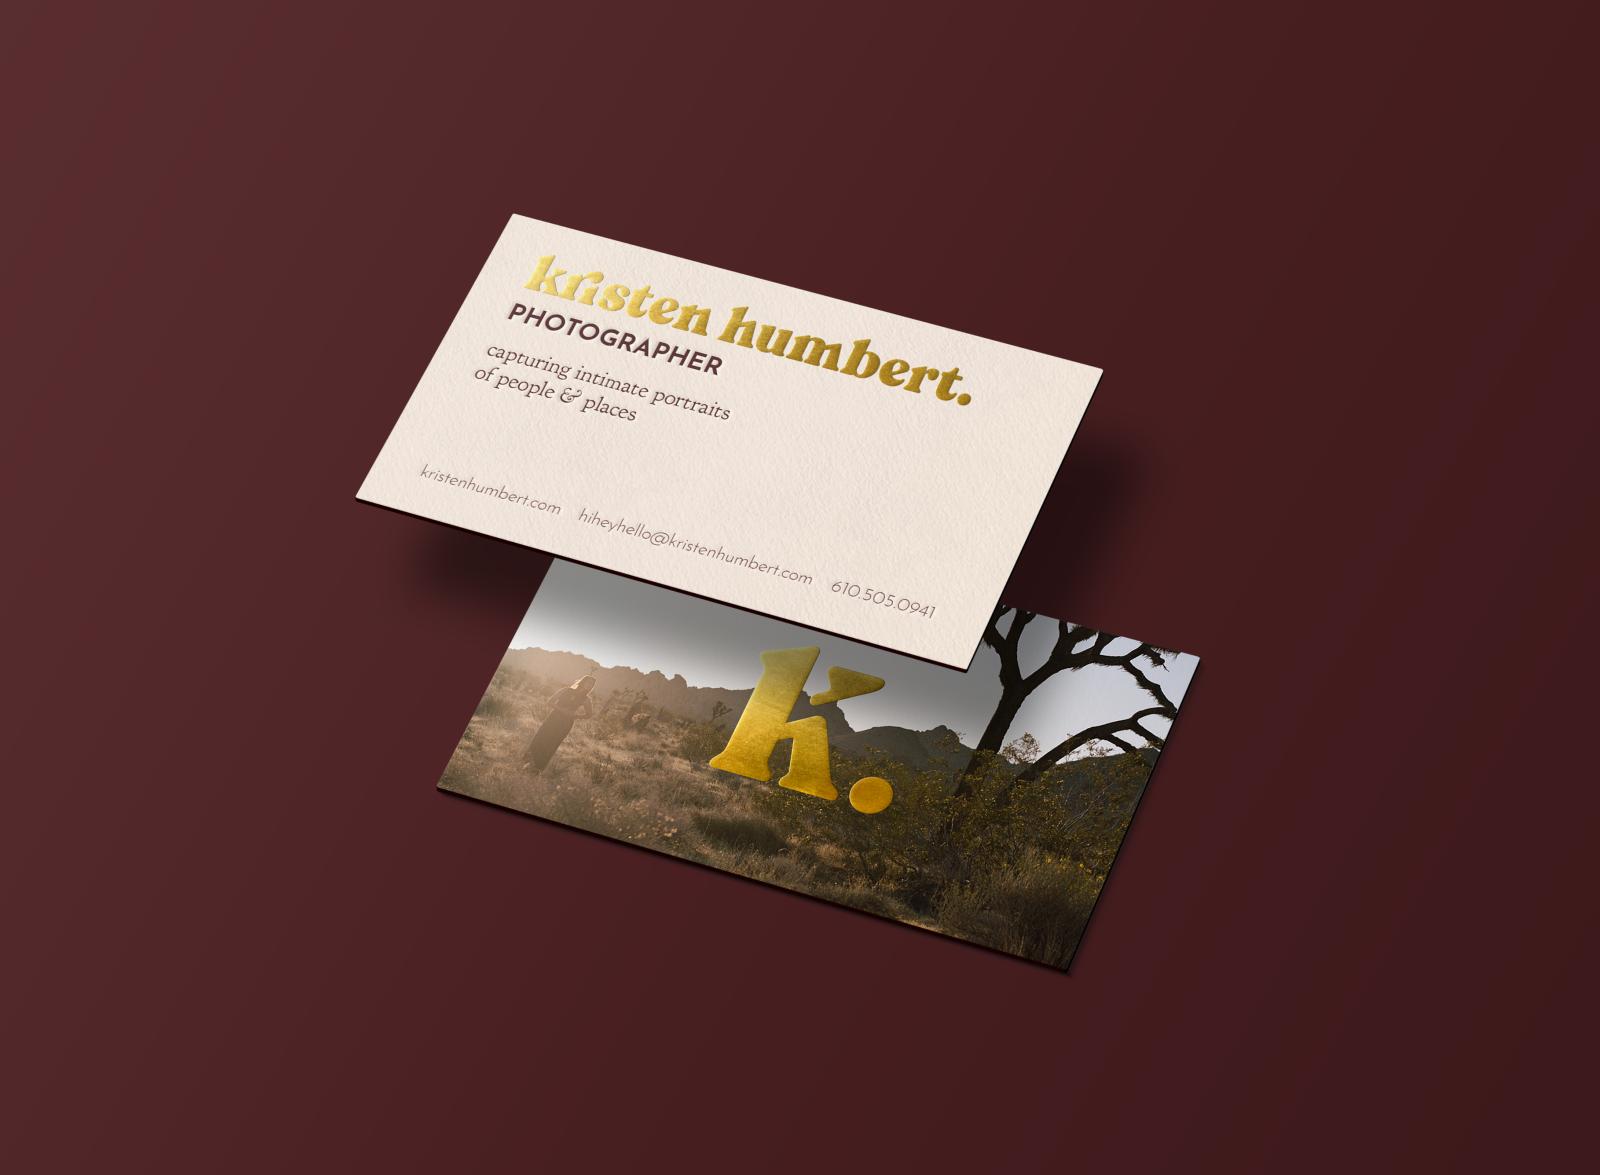 Kristen Humbert / Business Card 2